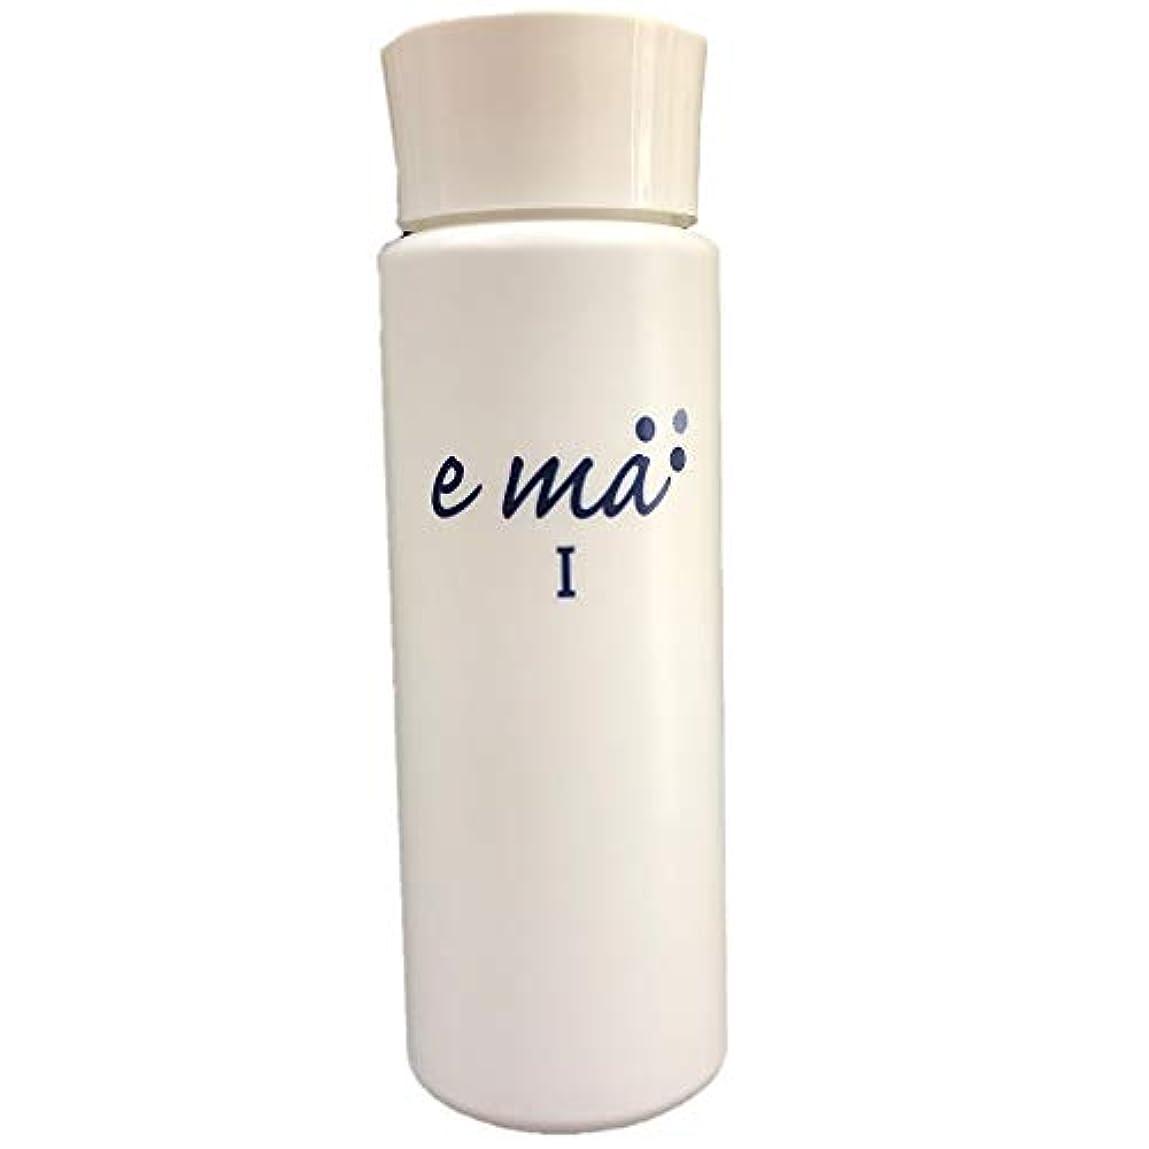 どちらか架空のチャレンジ【薬用化粧水】 emaⅠ 人気のエマシリーズから薬用美白化粧水 100mL 医薬部外品